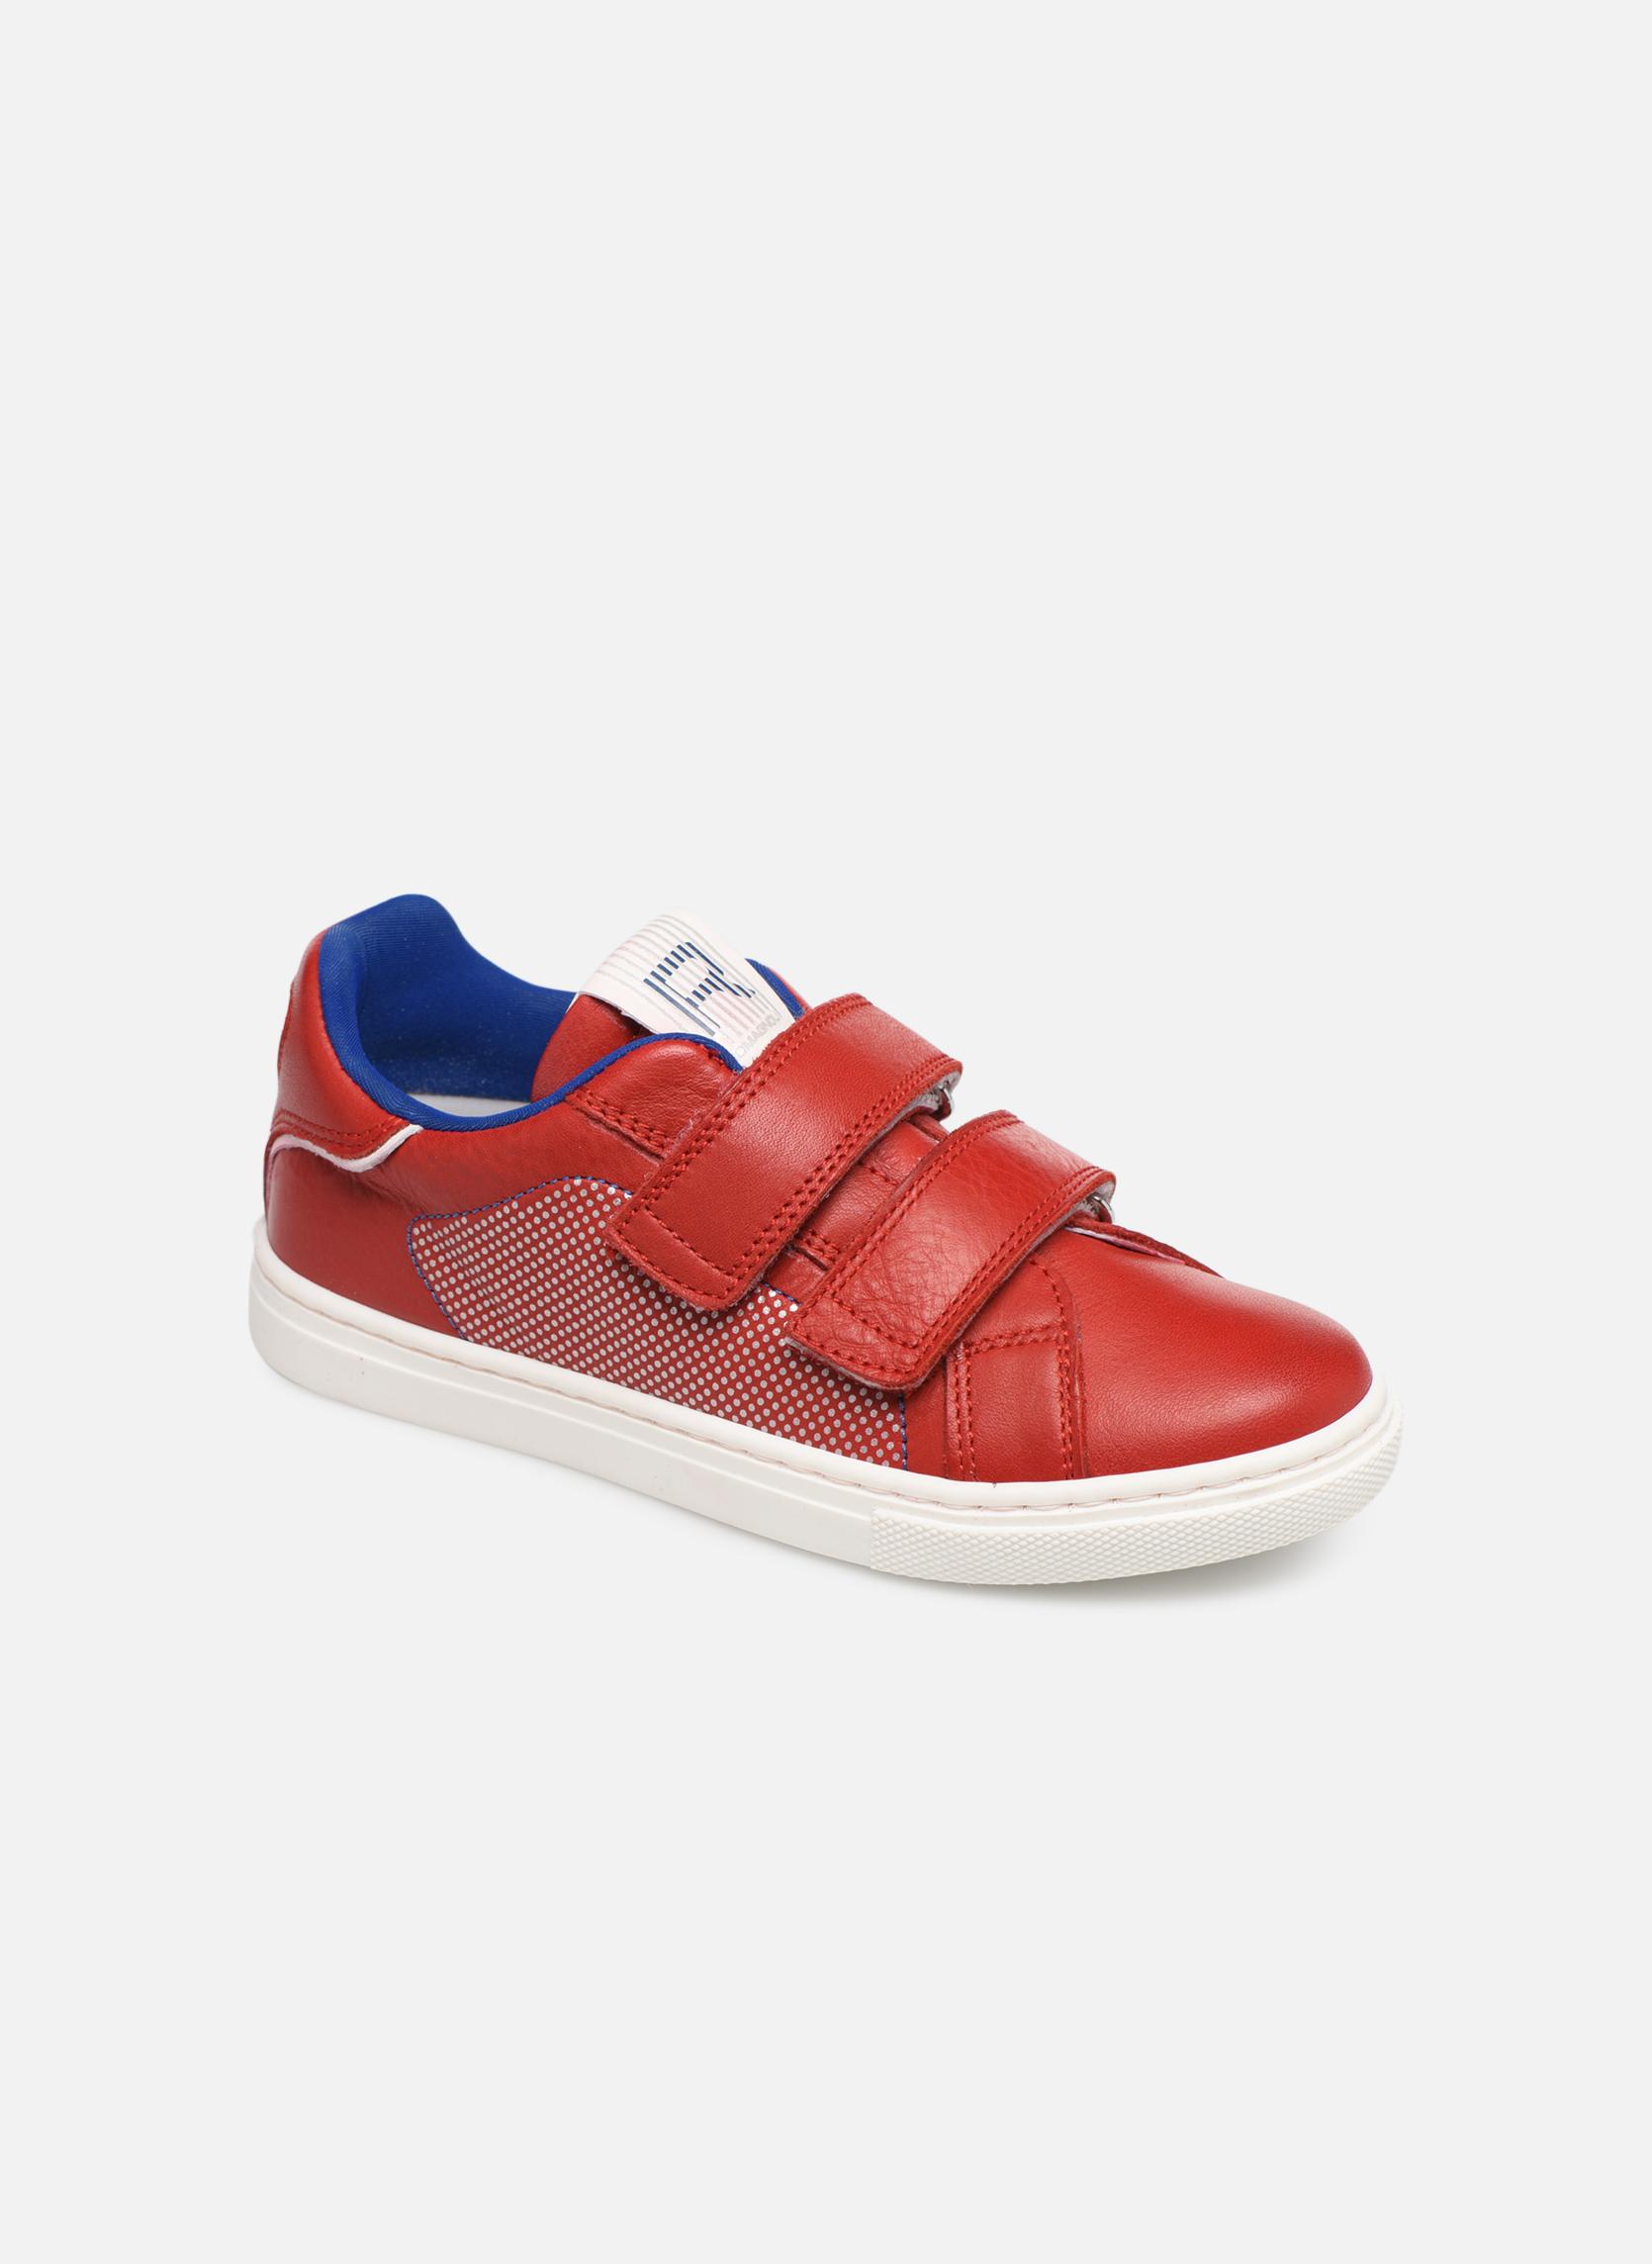 Sneakers Romagnoli Rood